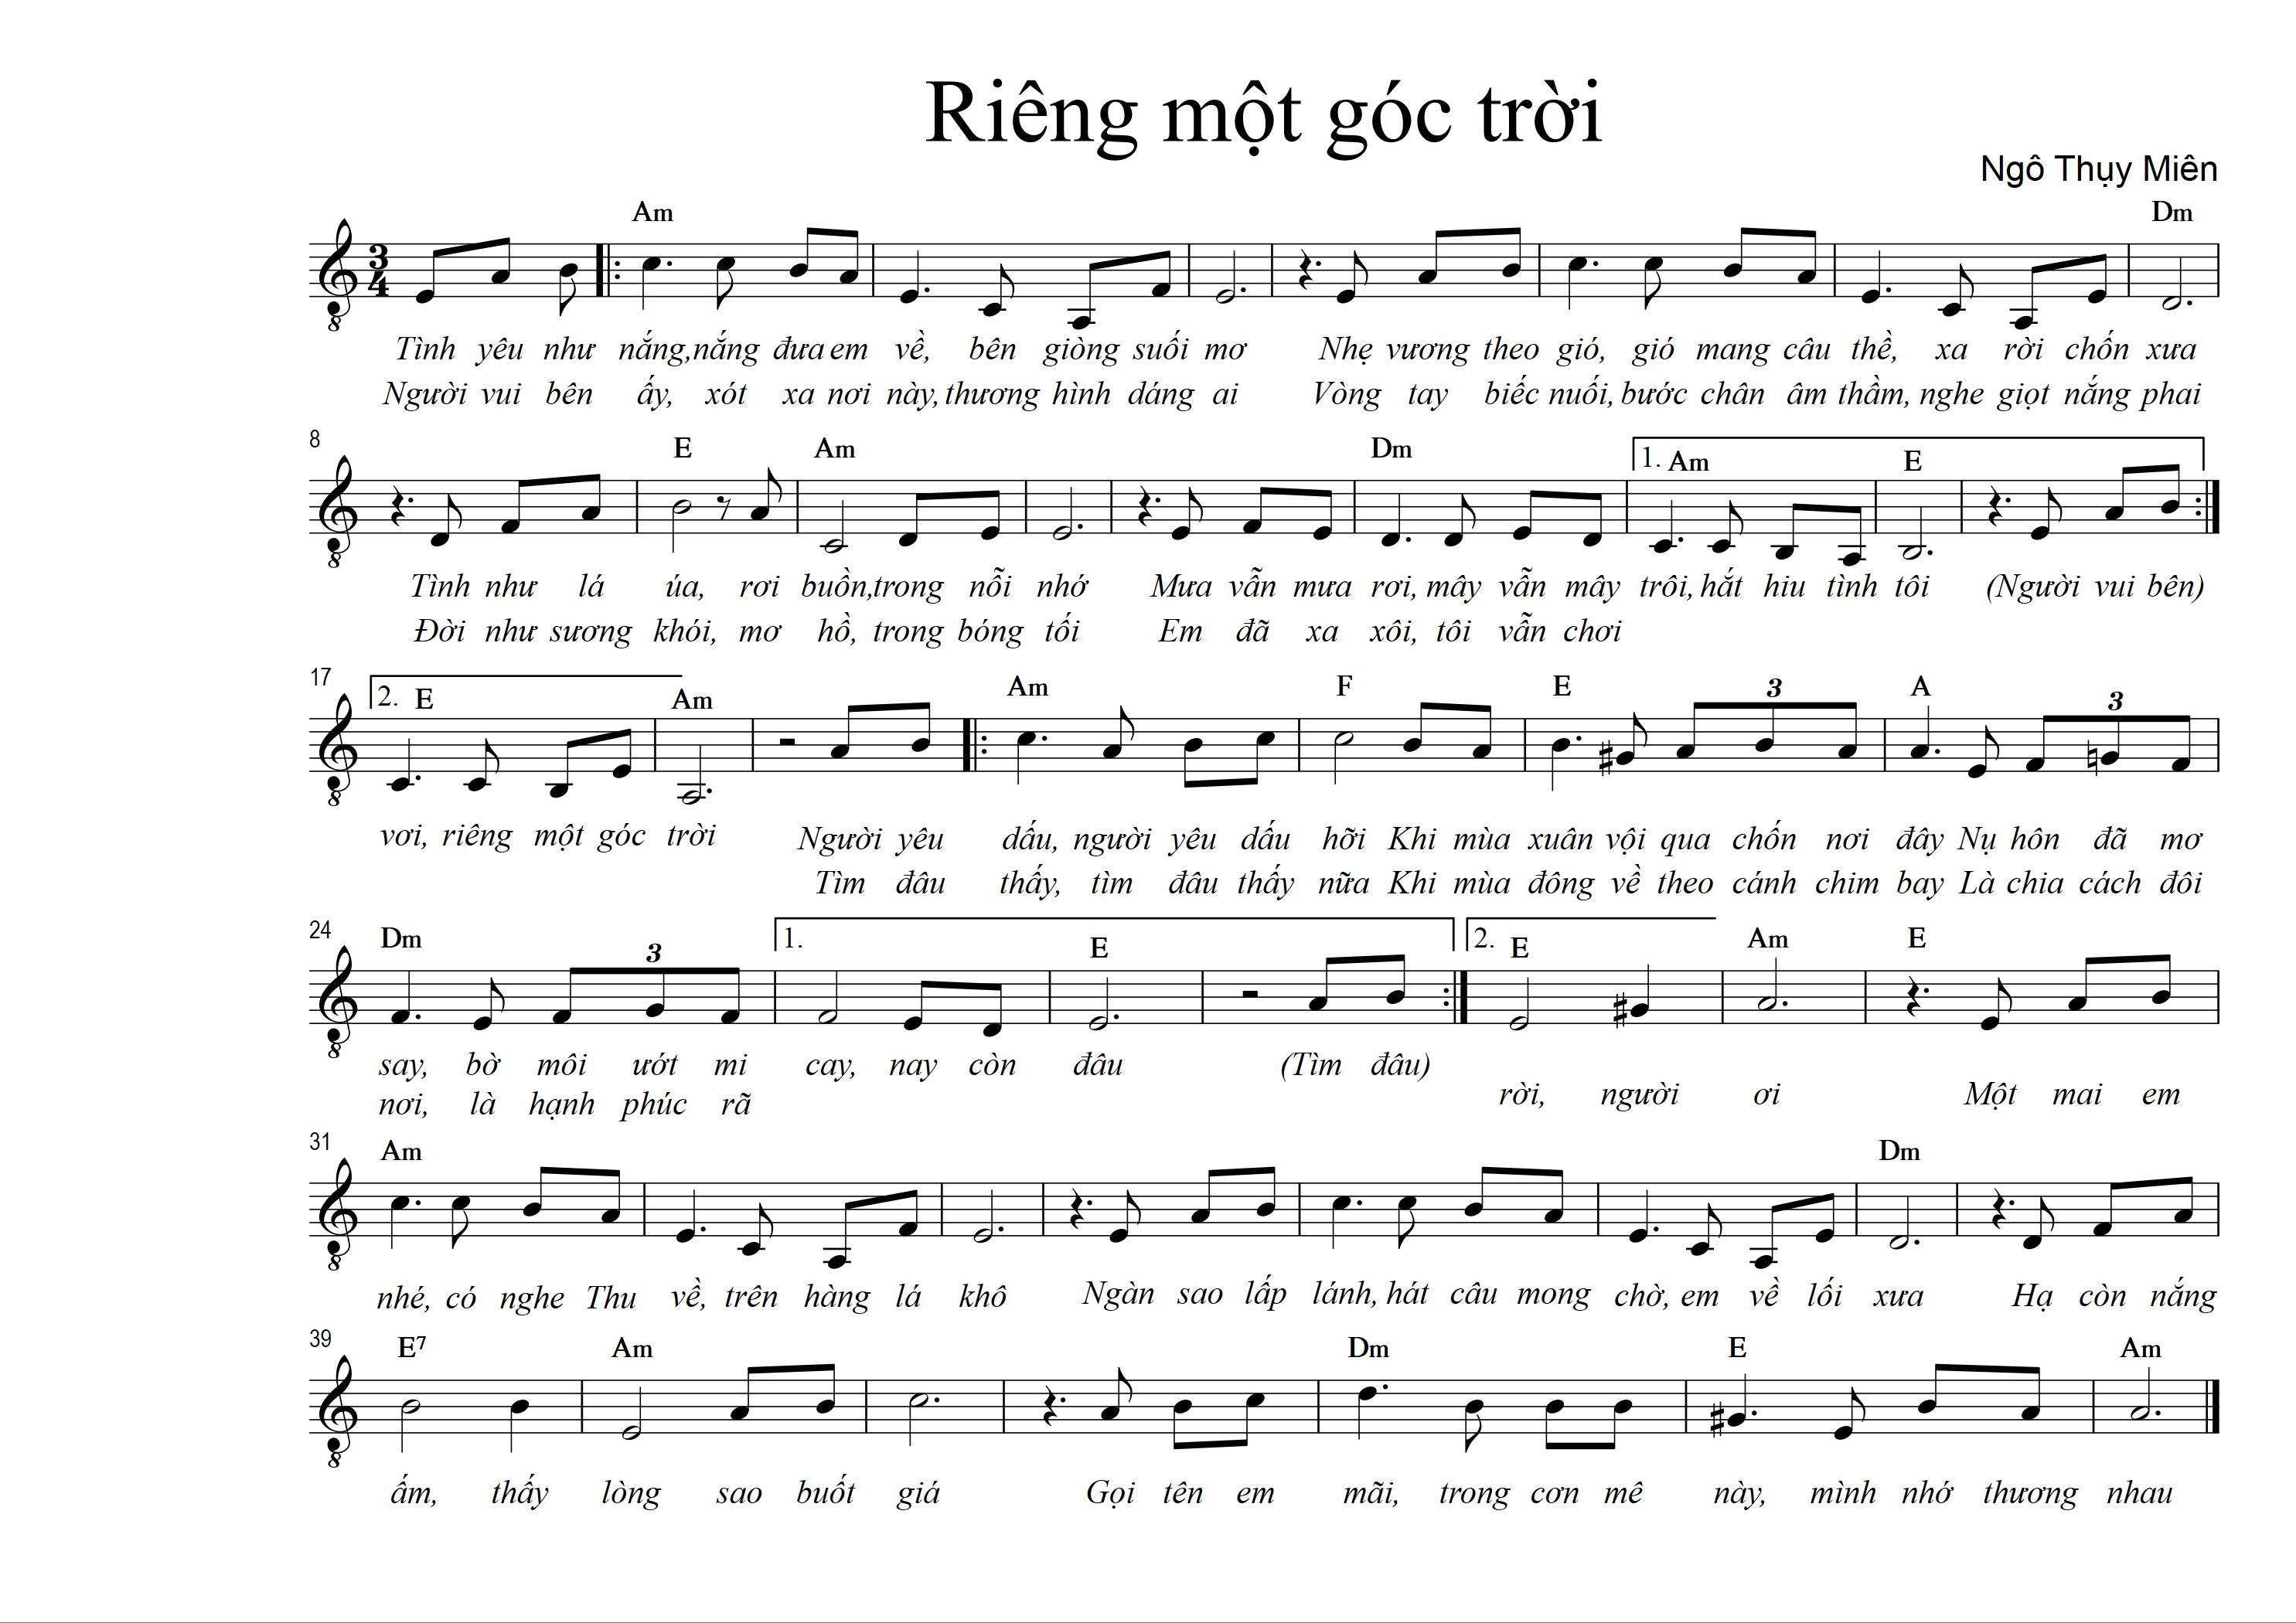 09 Rieng mot goc troi - 1